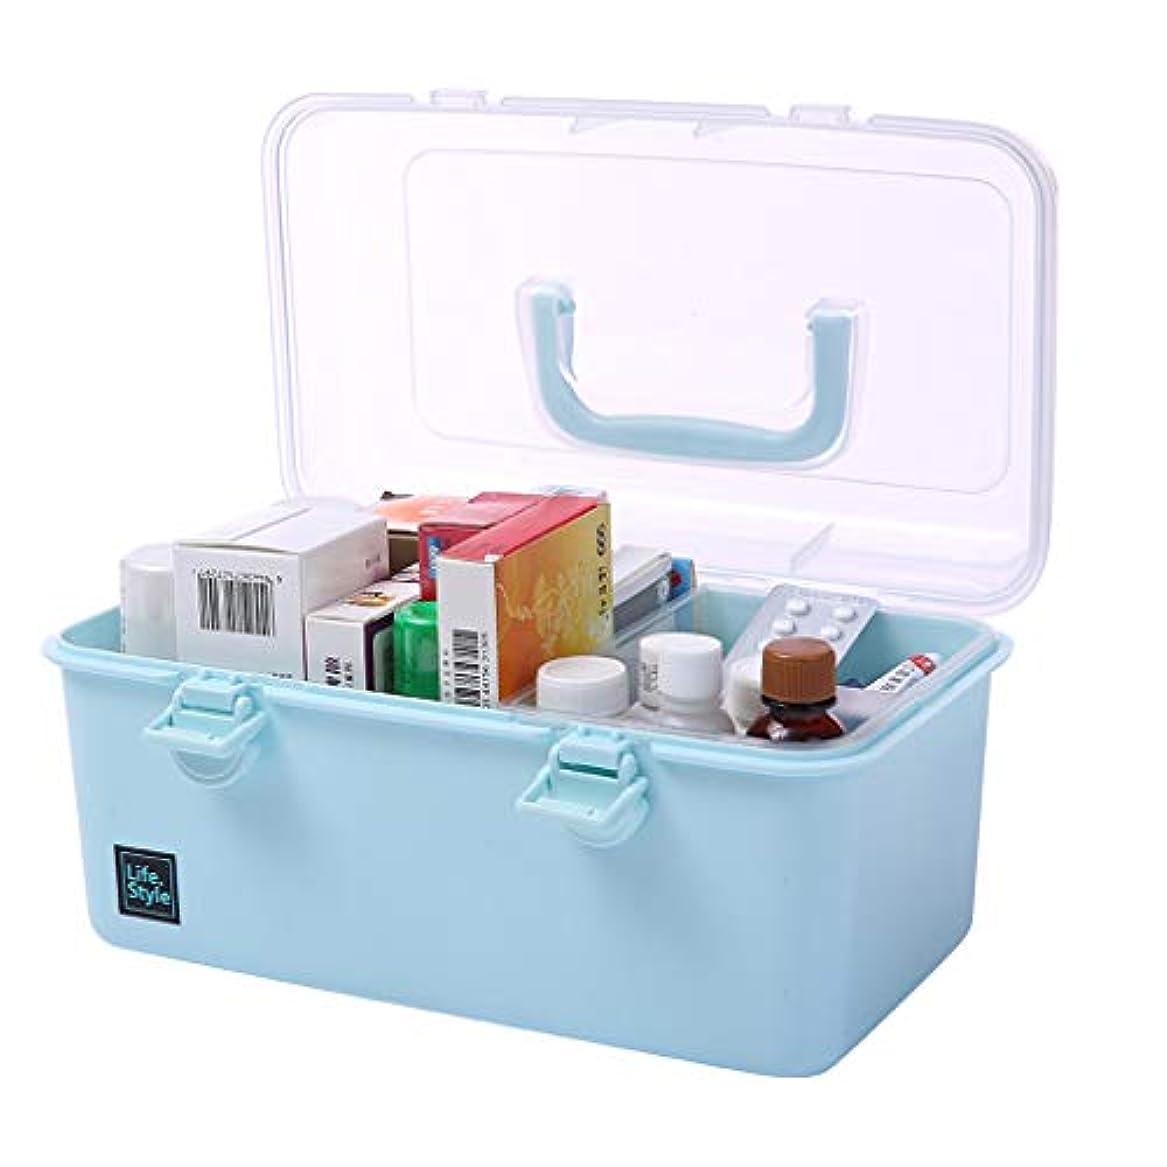 レザーカレッジ鈍いLF- 薬箱ドラッグ収納ボックスファミリーパックポータブル外来応急処置医療ボックスPP材料 セーブ